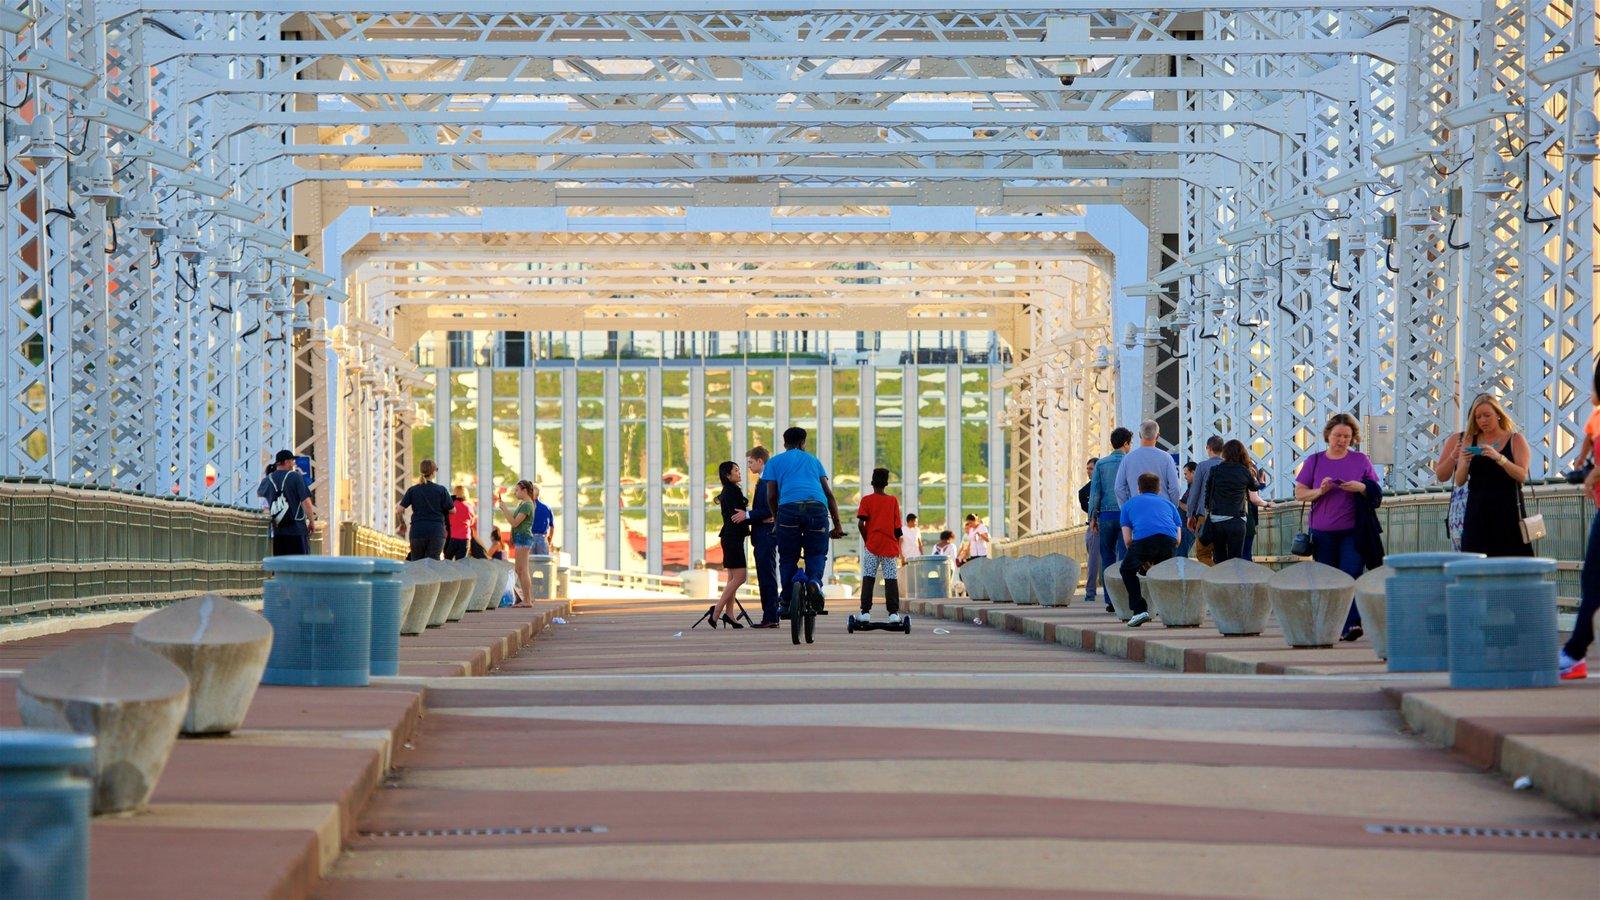 Cumberland Park ofreciendo senderismo o caminata y un puente y también un pequeño grupo de personas